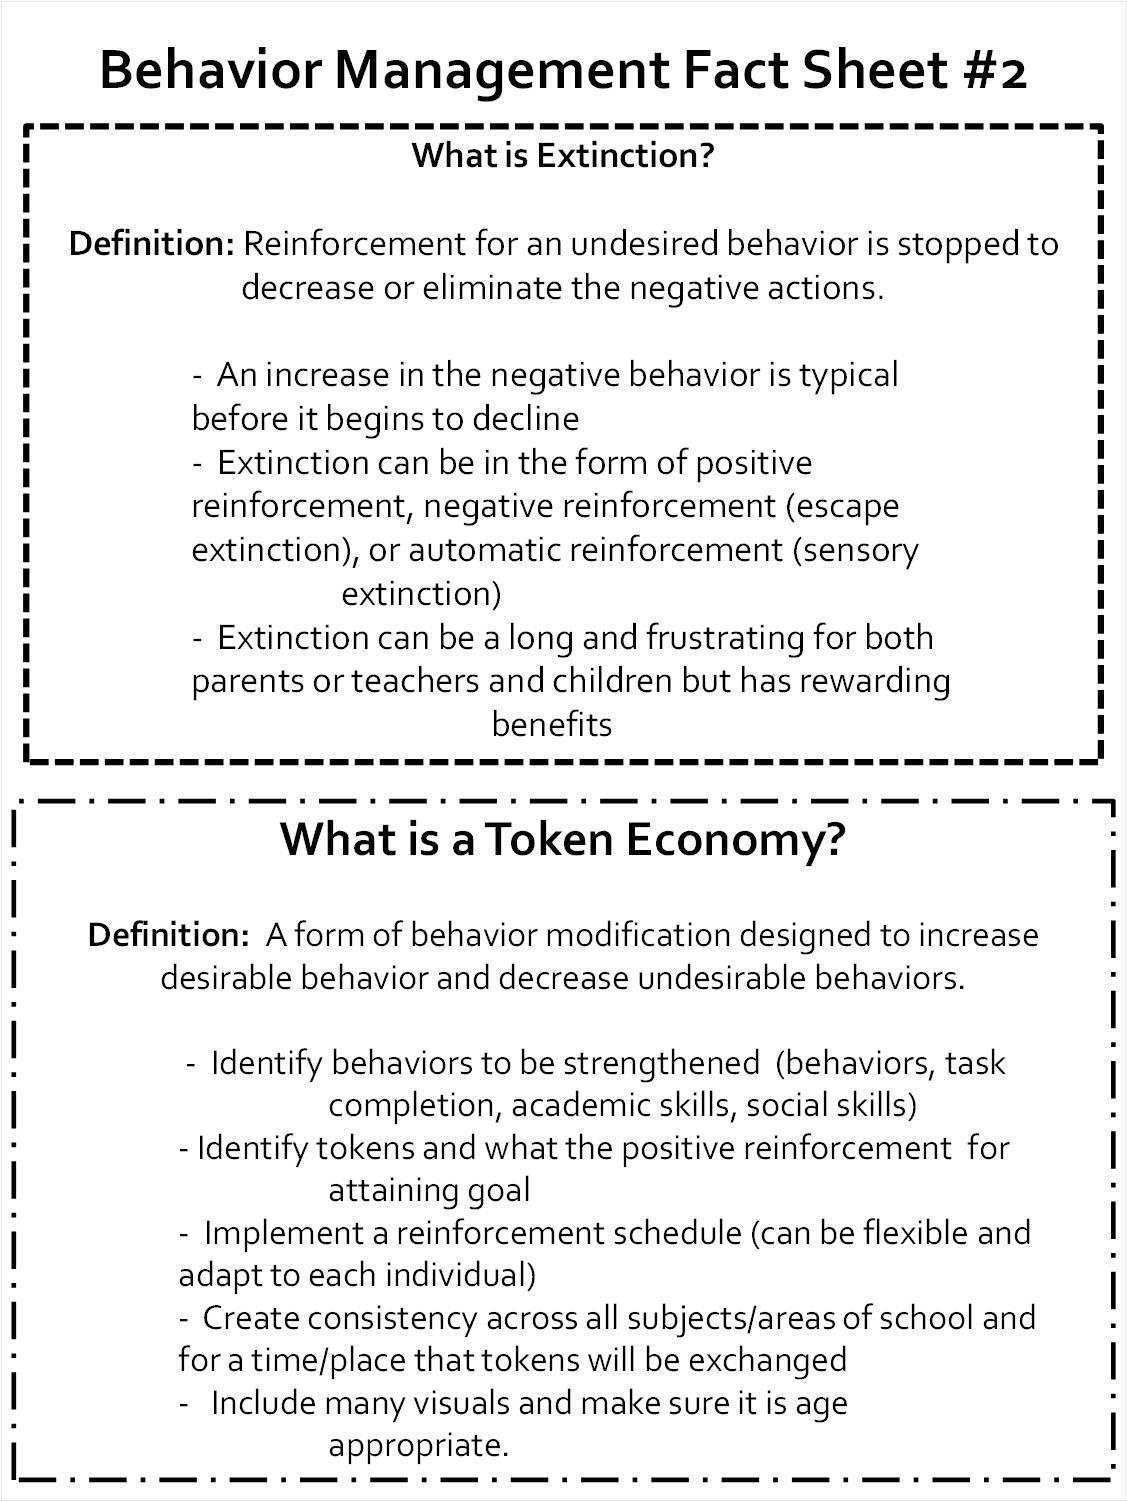 30 Schedules Of Reinforcement Worksheet